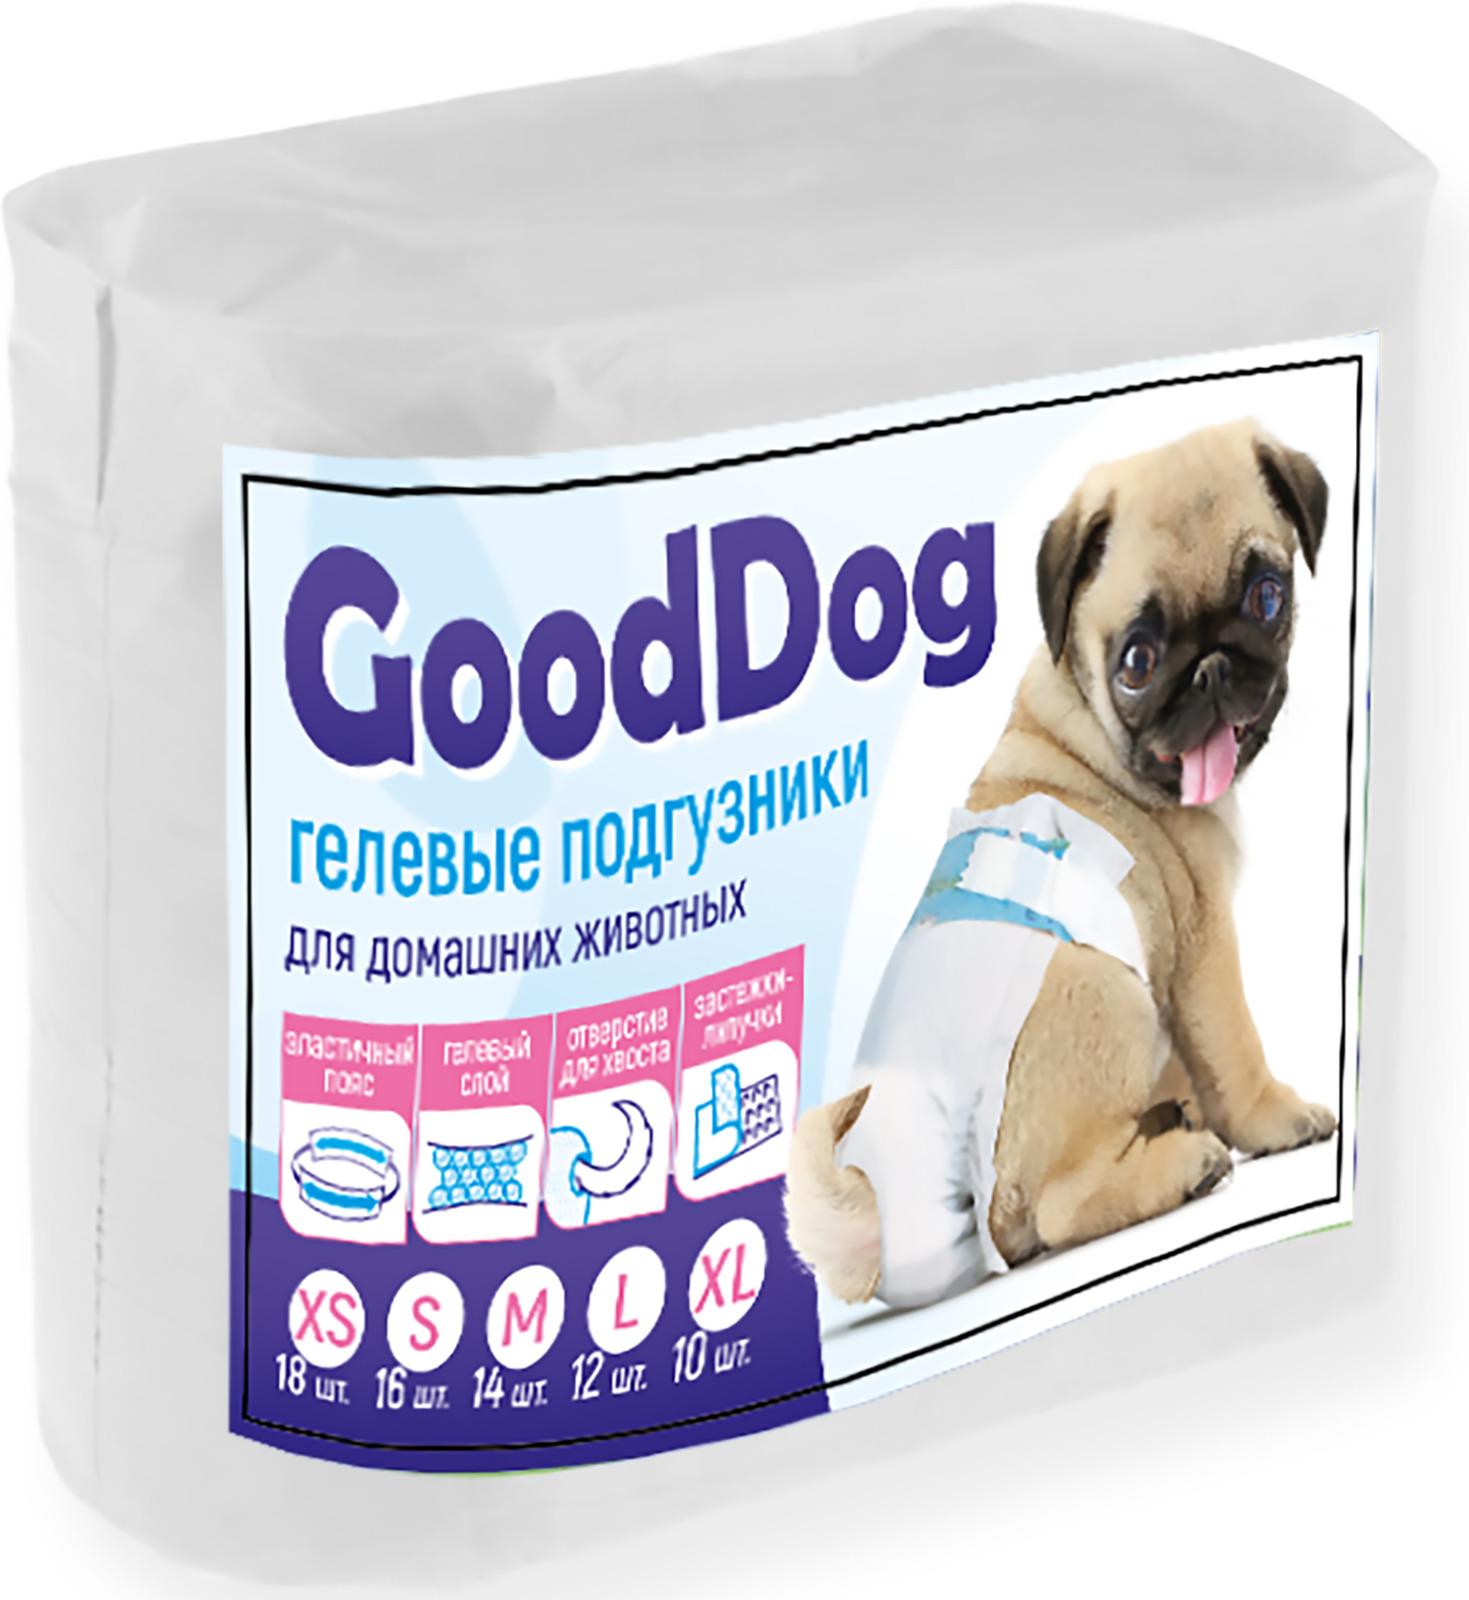 Подгузники для домашних животных Good Dog 7775, размер L (15-26 кг), 12 шт